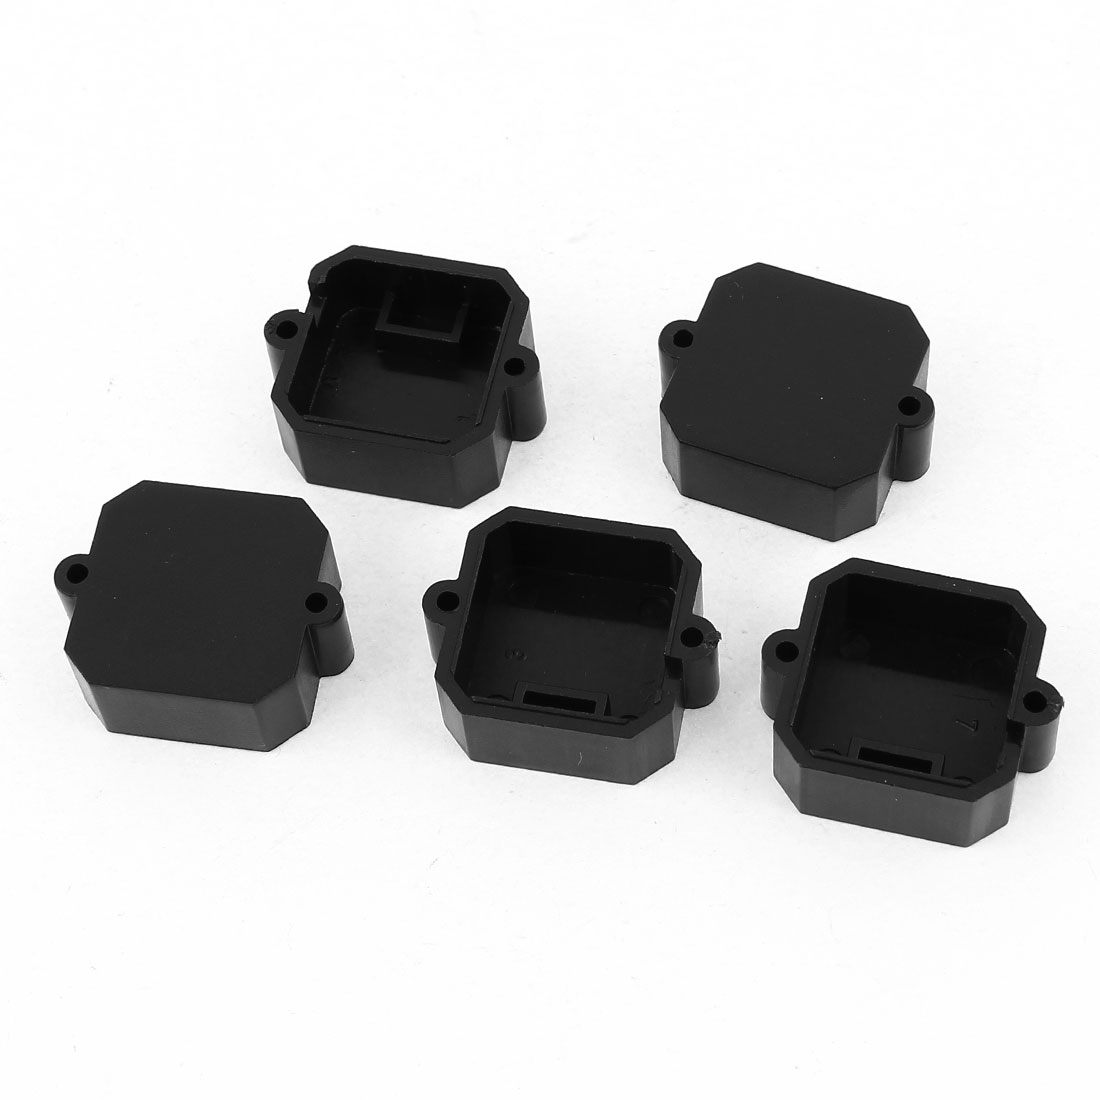 5 Pcs Black Plastic HD53 CCTV Camera Lens Conver 22mm Hole Spacing